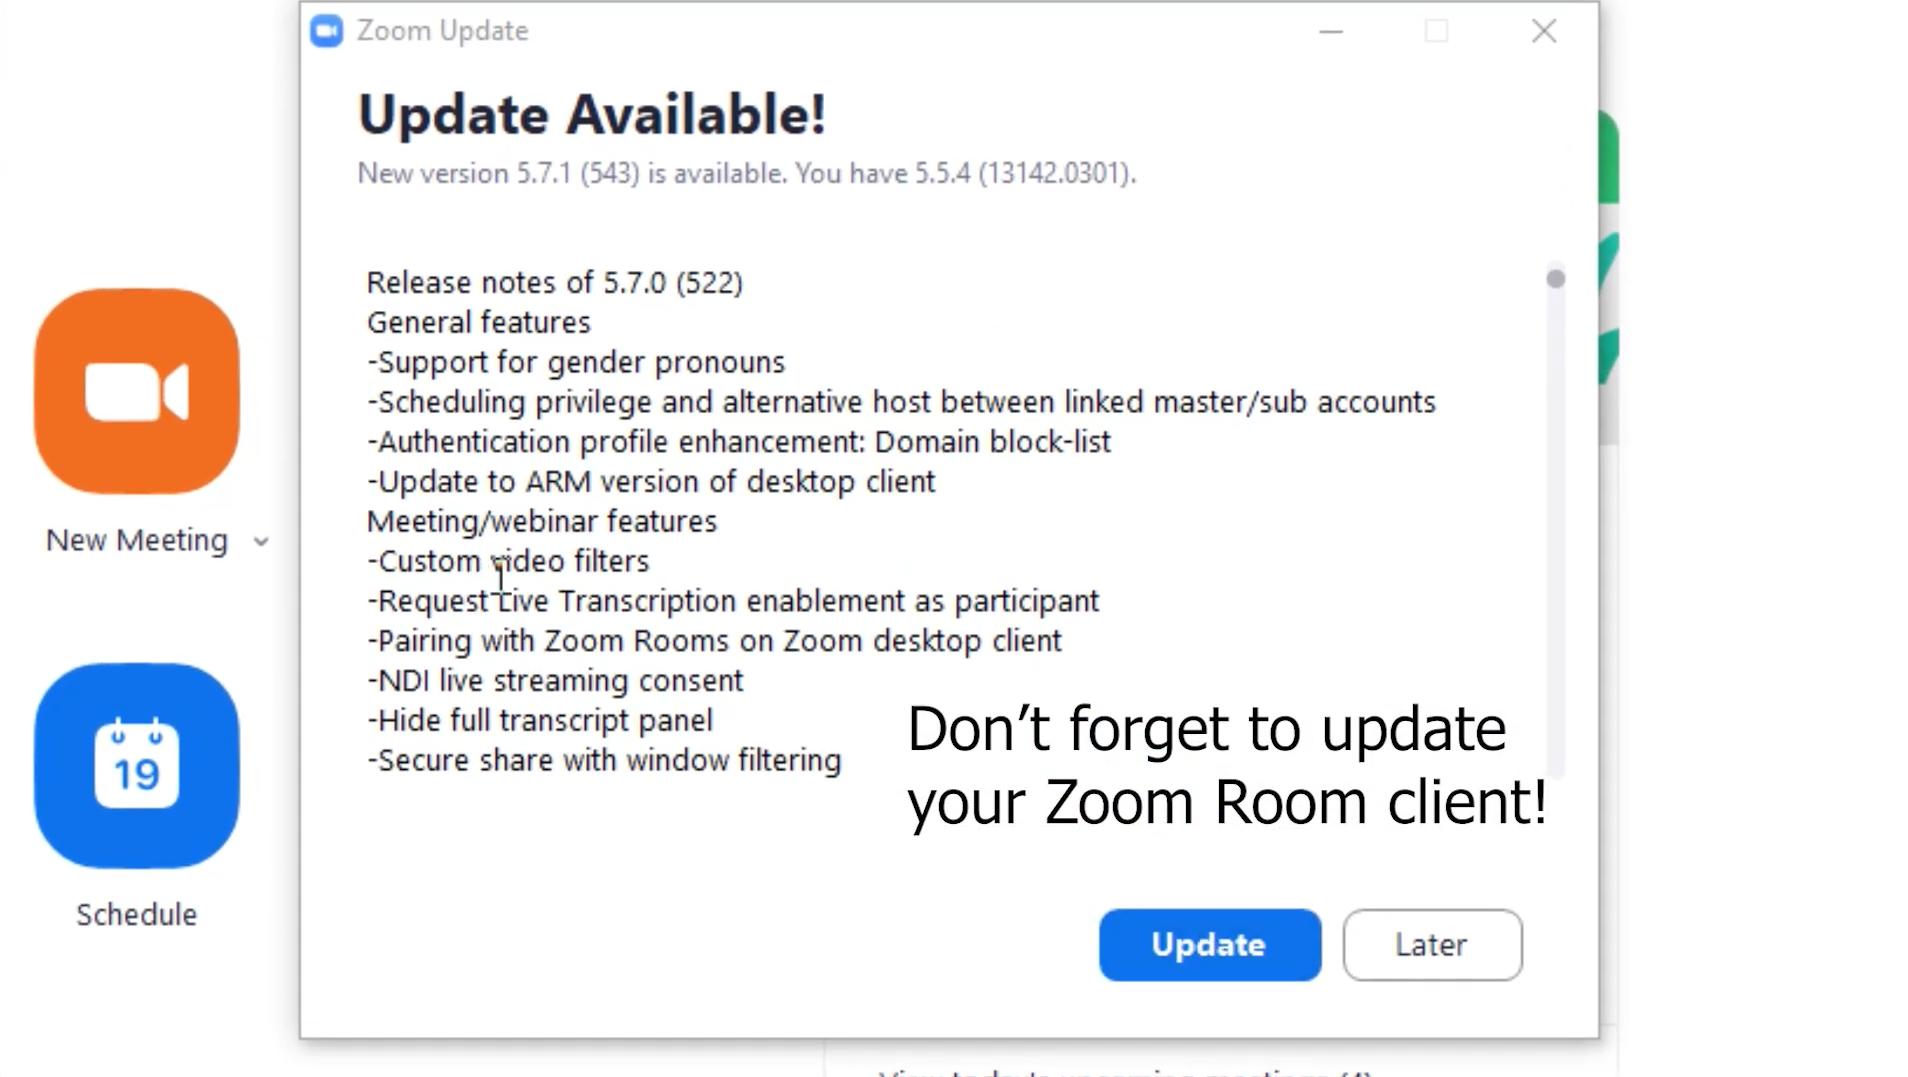 Zoom room update